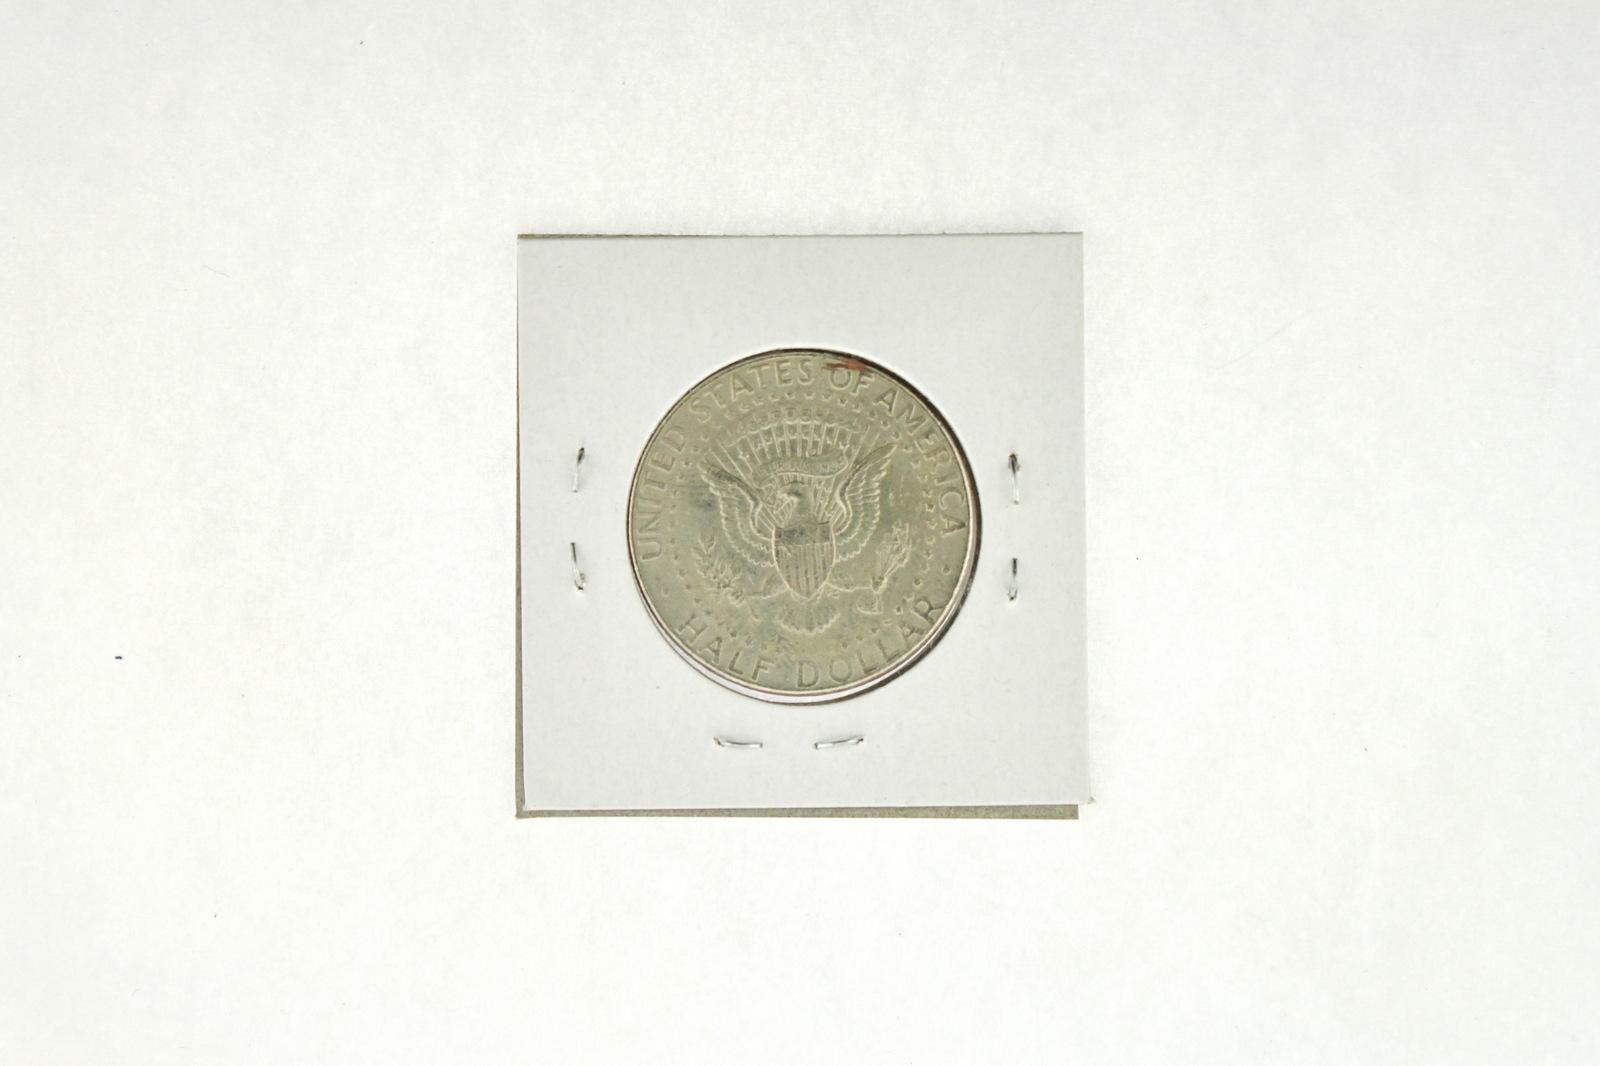 1999-D Kennedy Half Dollar (F) Fine N2-3996-1